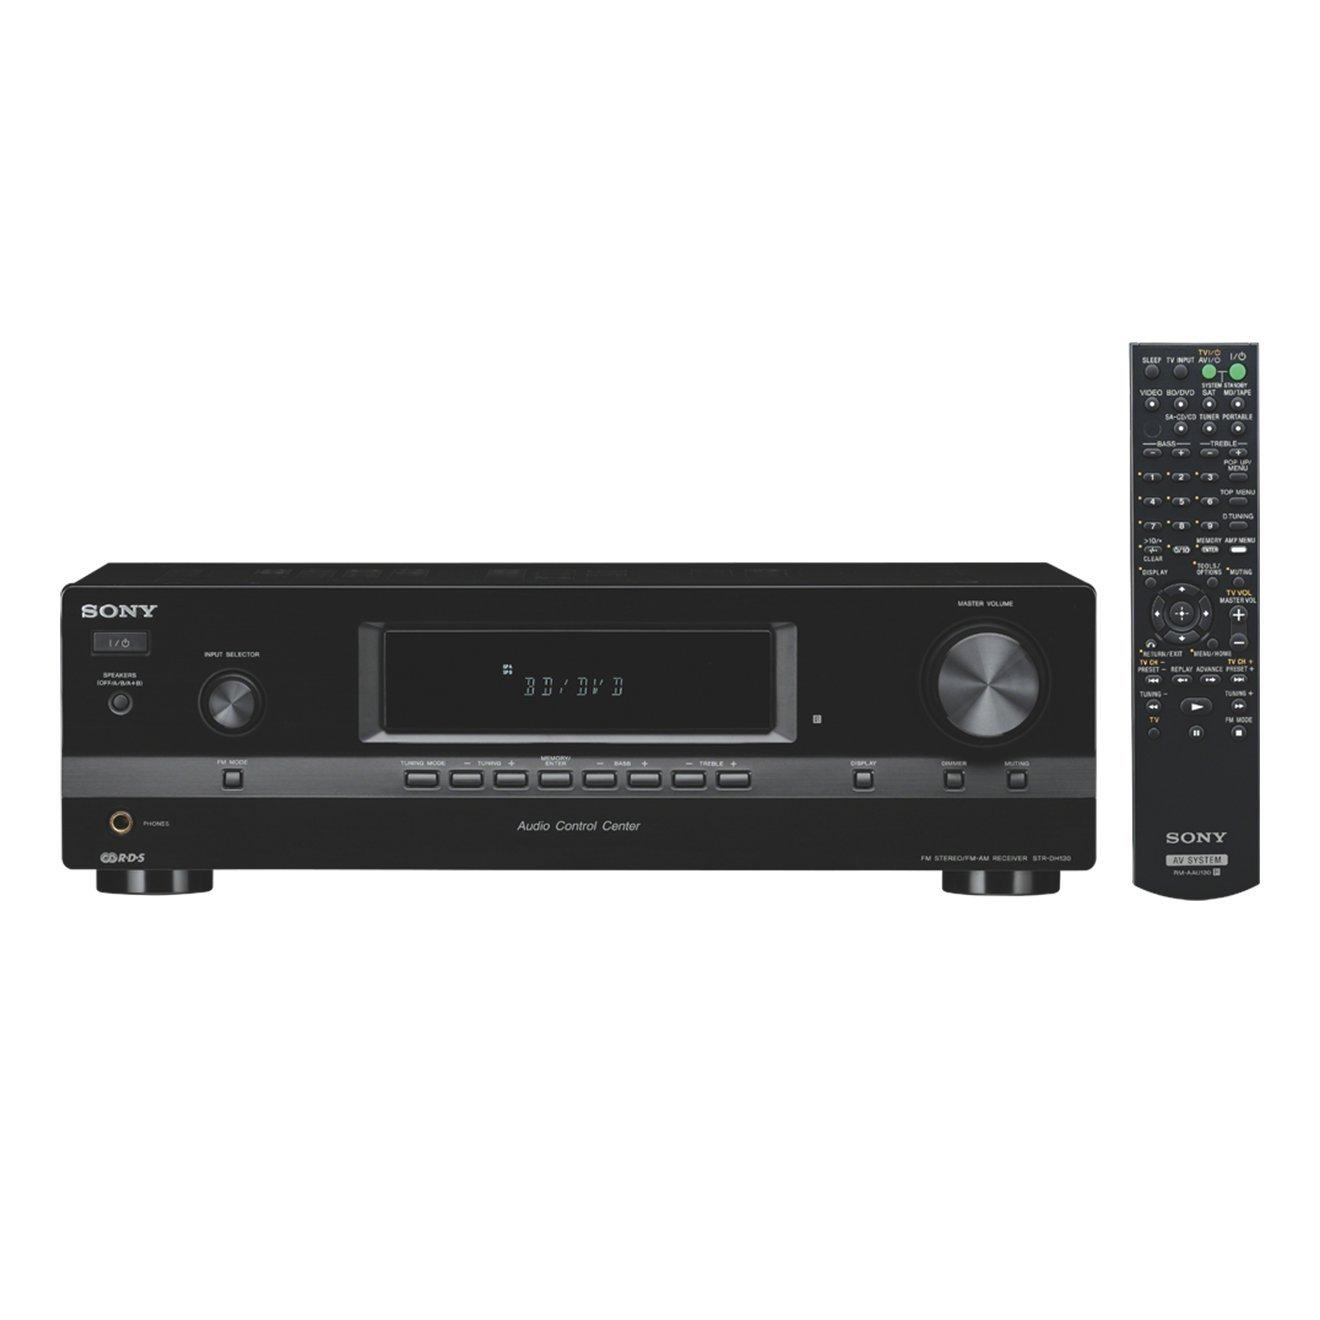 Sony STRDH130 - Receptor para equipo de audio (AM/FM, 2 x 115W